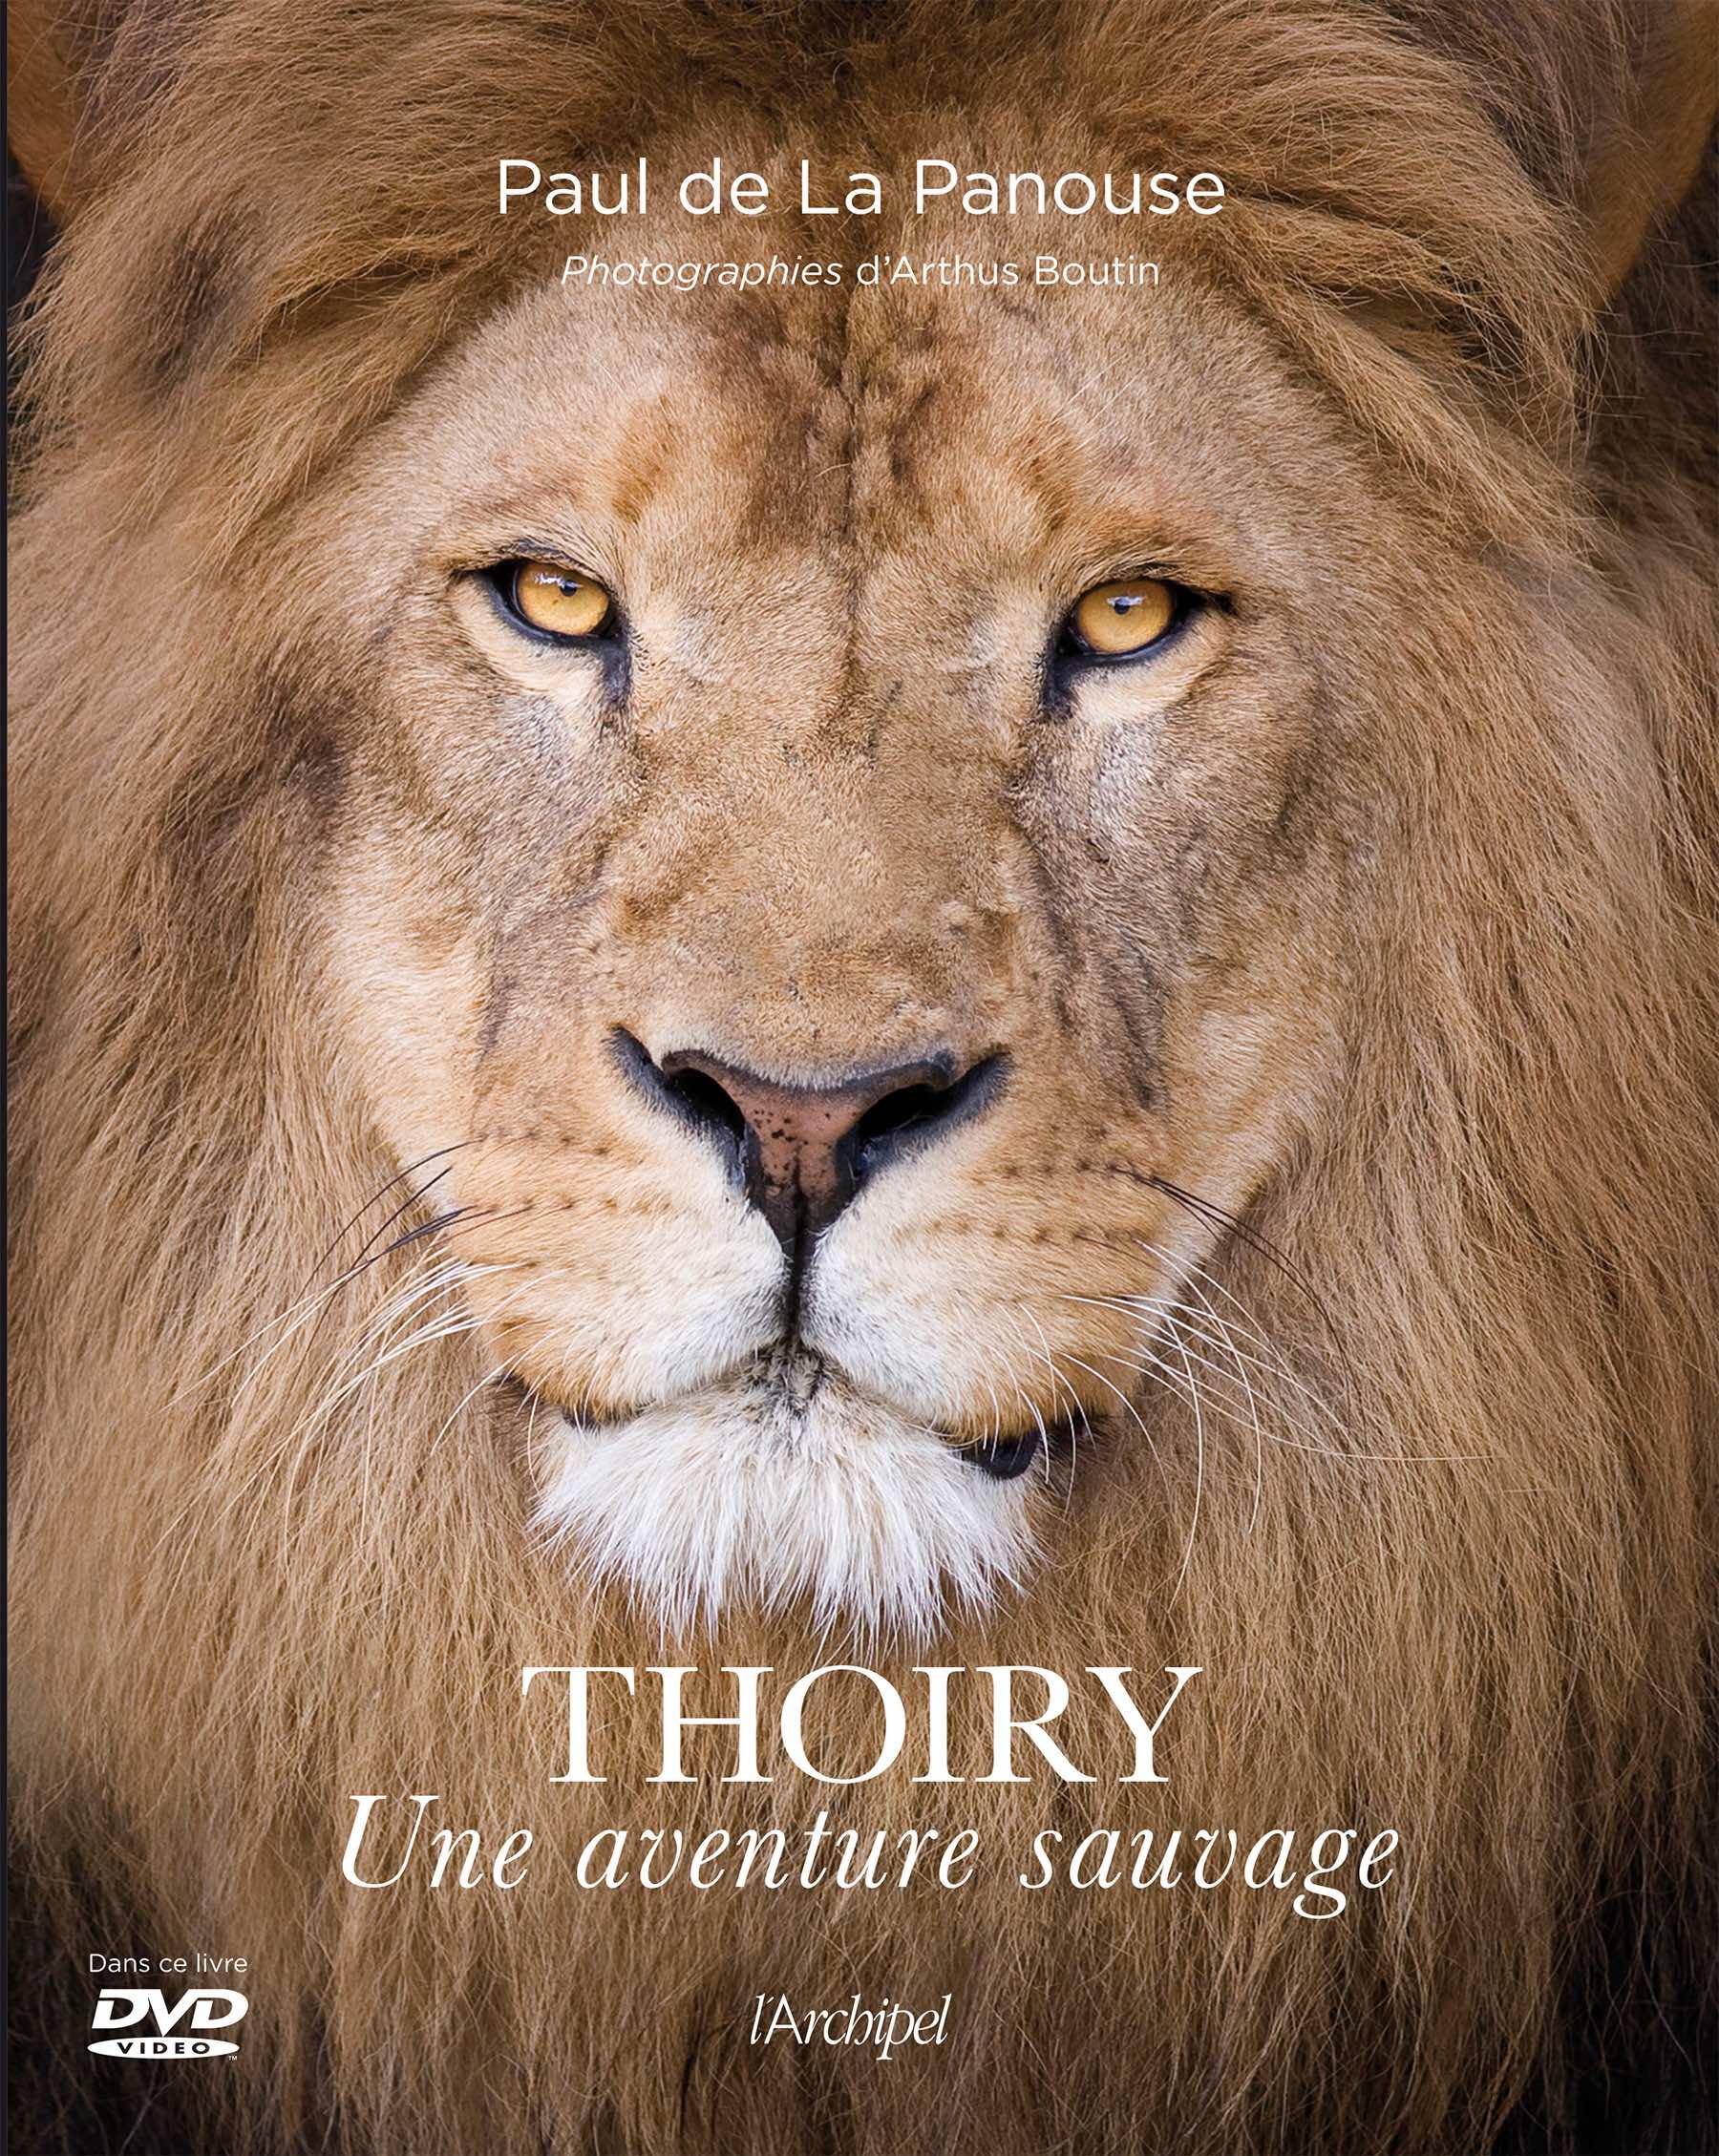 Thoiry, une aventure sauvage par Paul de La Panouse